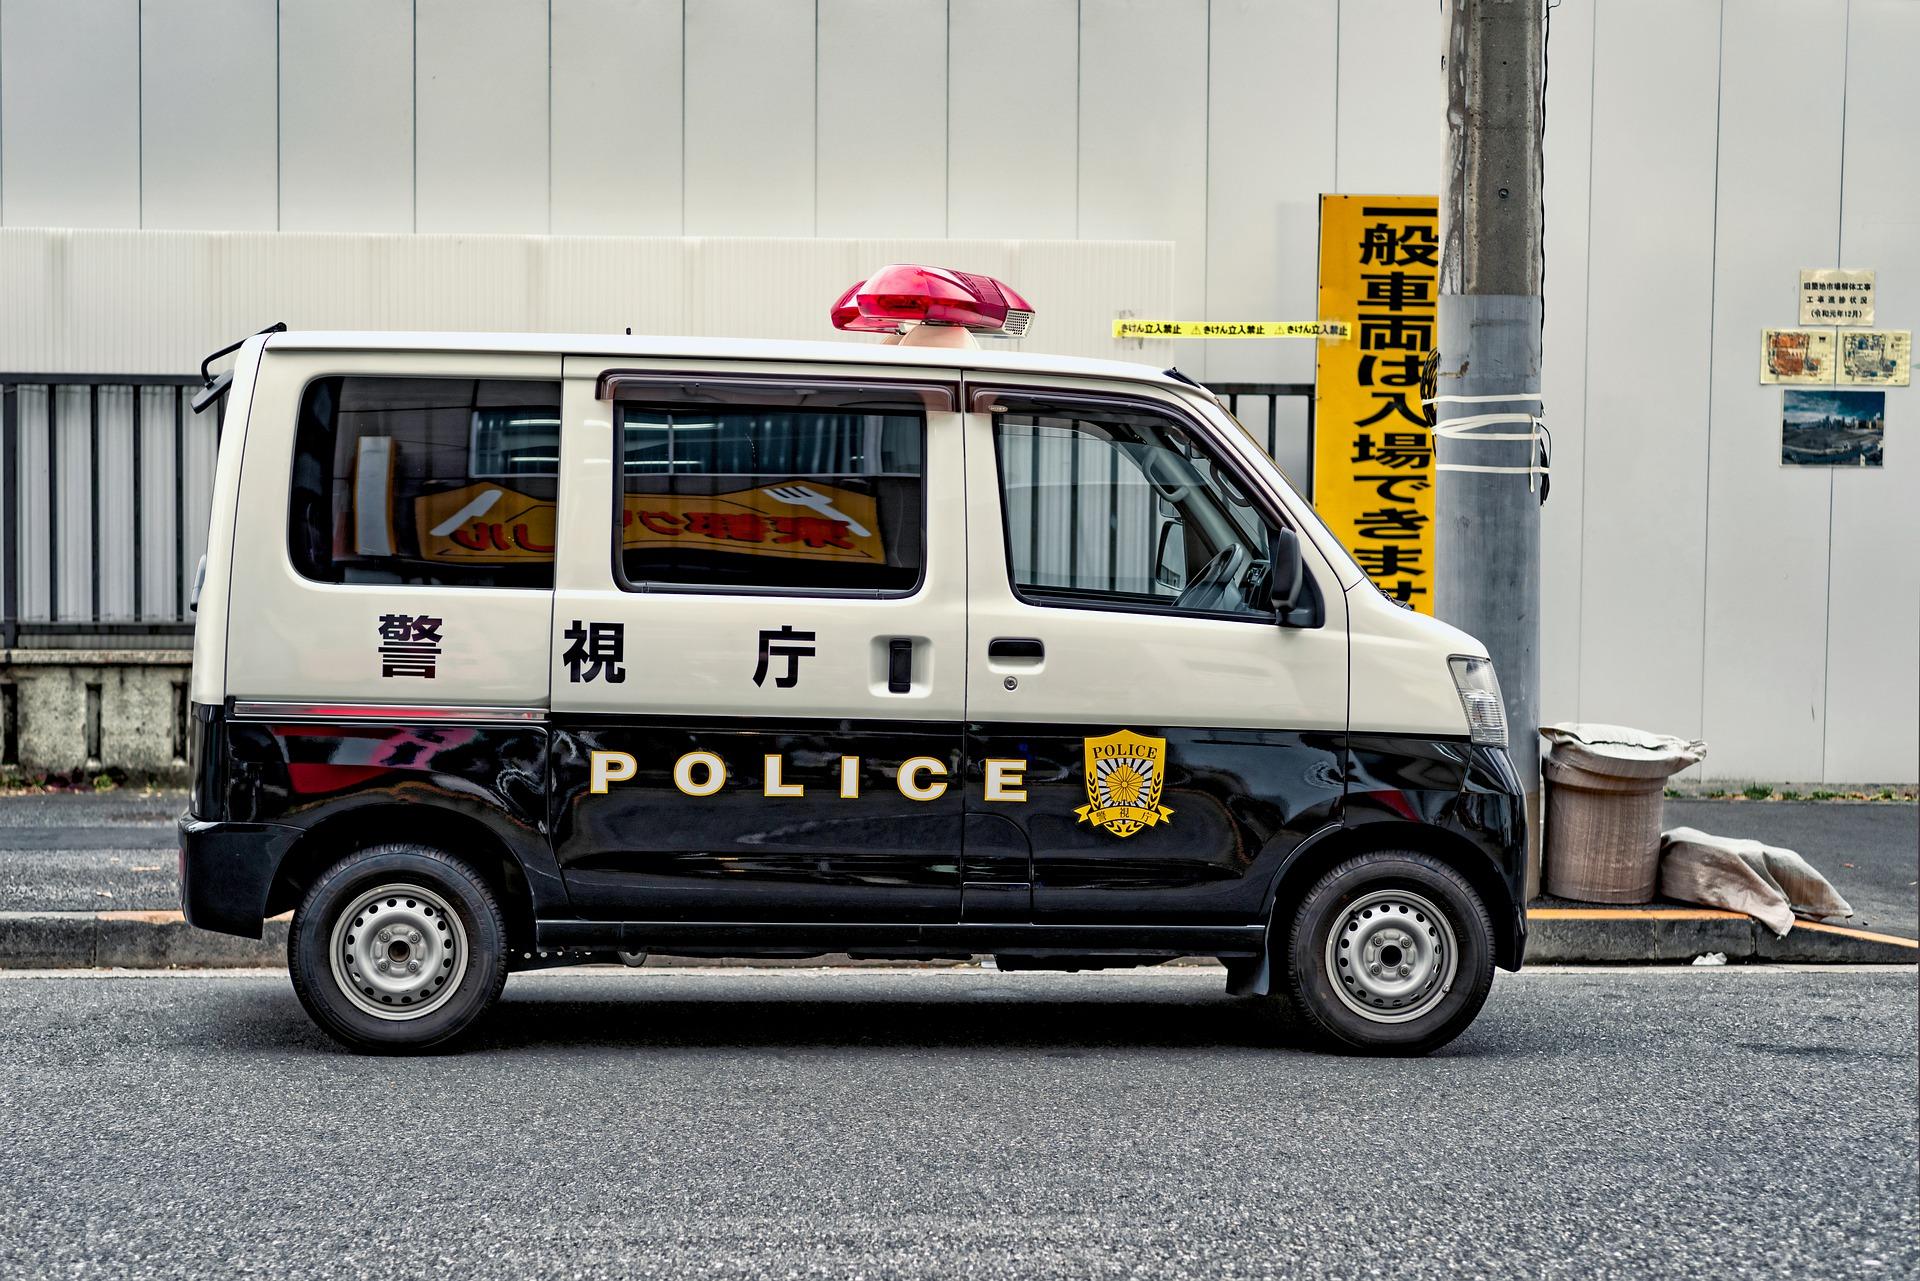 В Японии арестовали мужчину за кражу крошечных рыбок стоимостью 52 000 иен